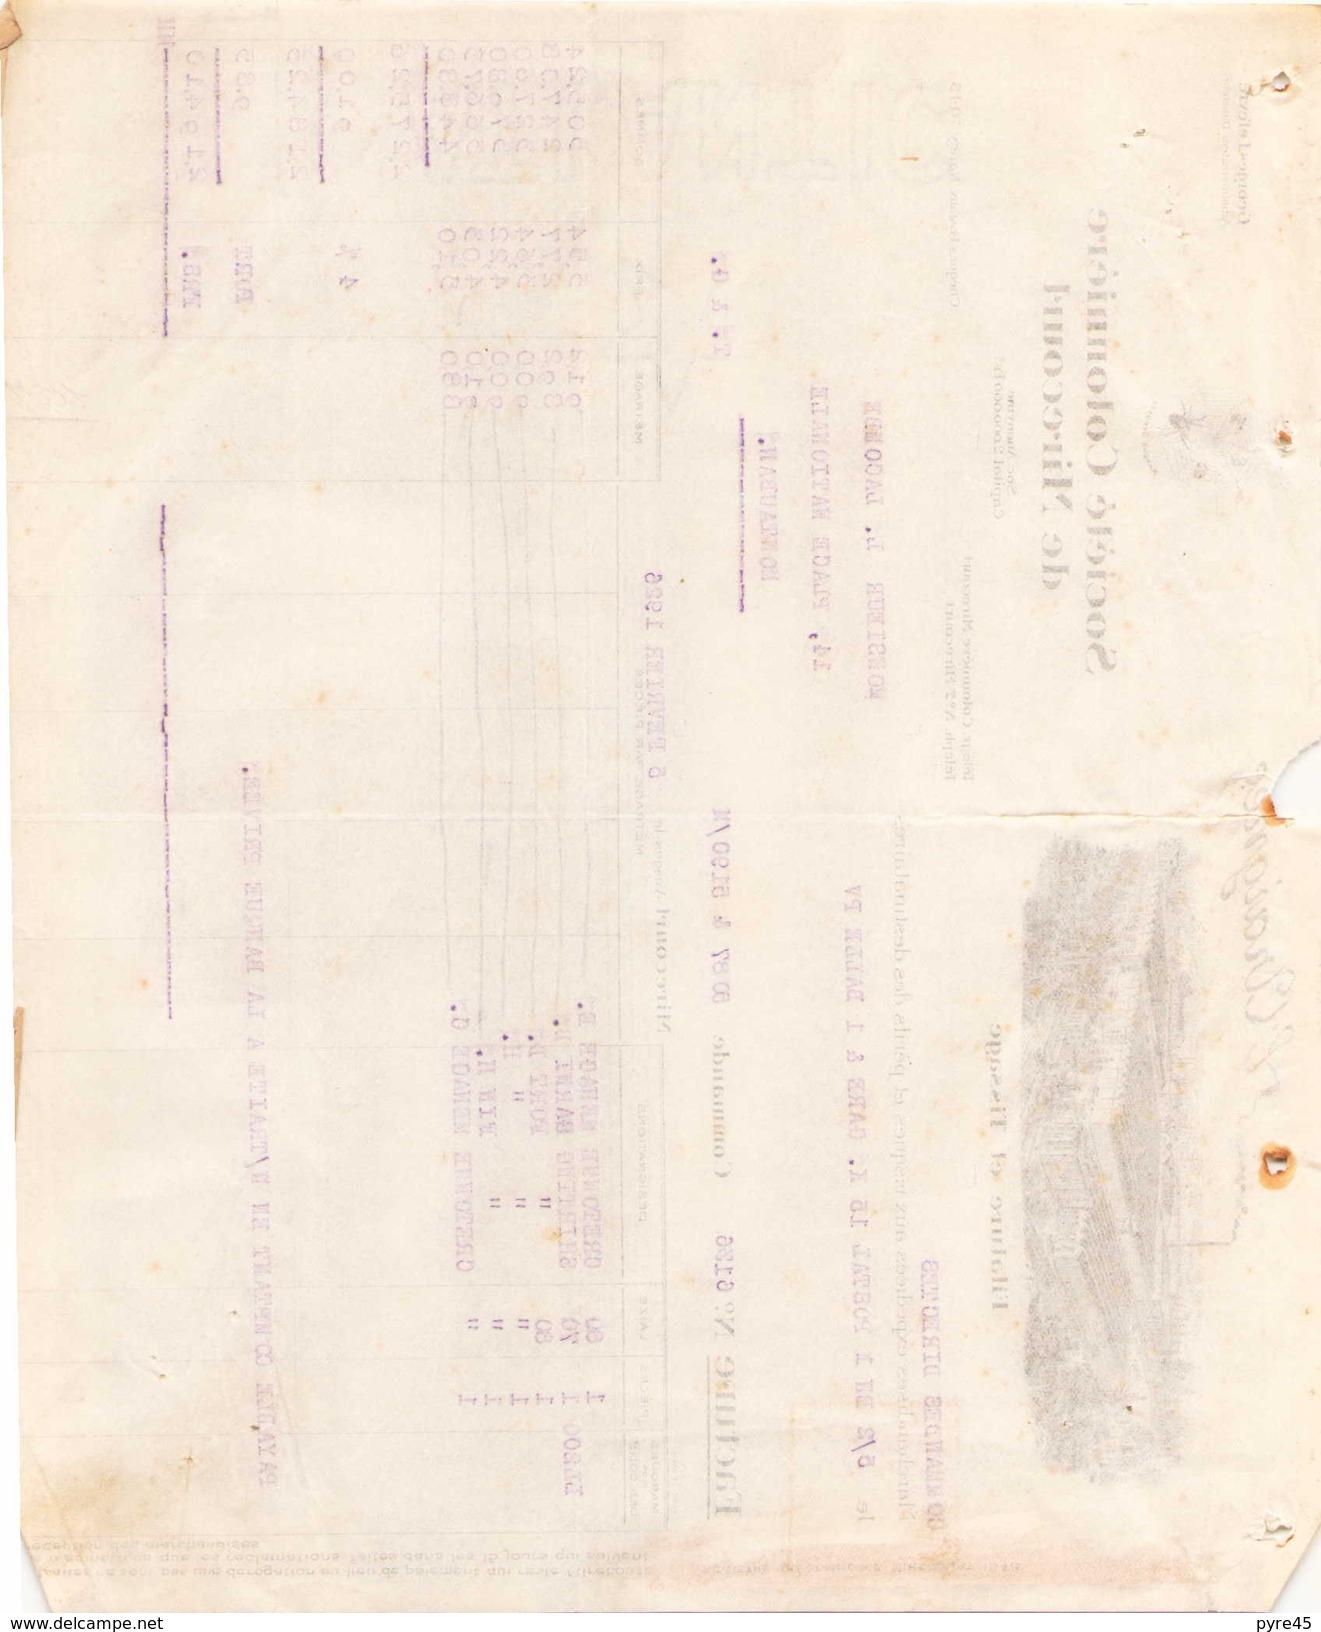 Facture L'Araignee Societe Cotonniere De Mirecourt  Filature Et Tissage Le 5 Fevrier 1926 - Kleidung & Textil